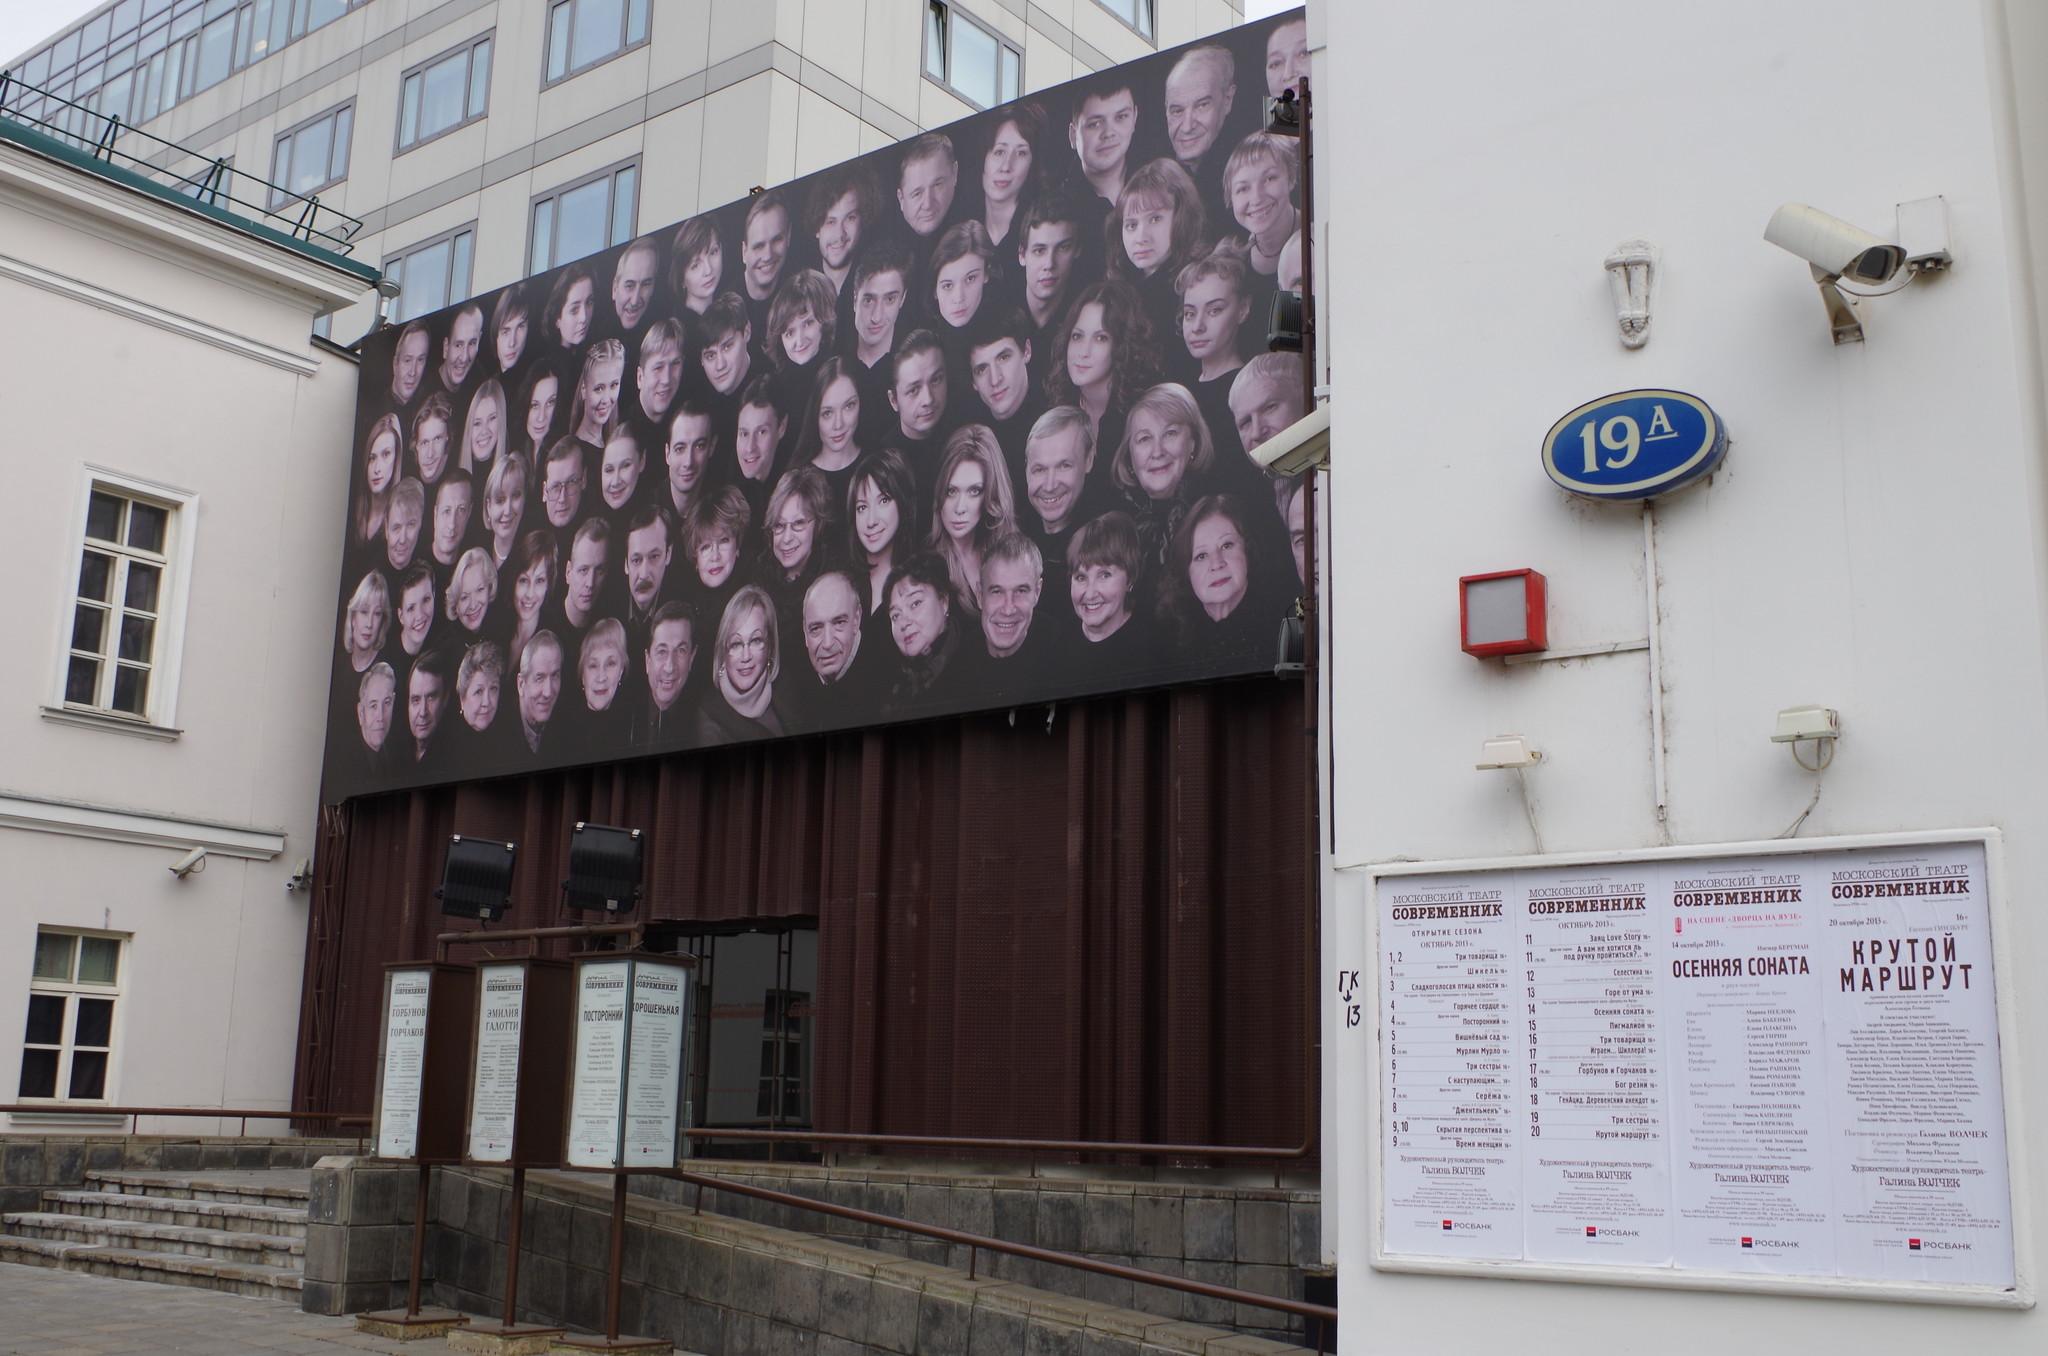 Московский государственный театр «Современник»